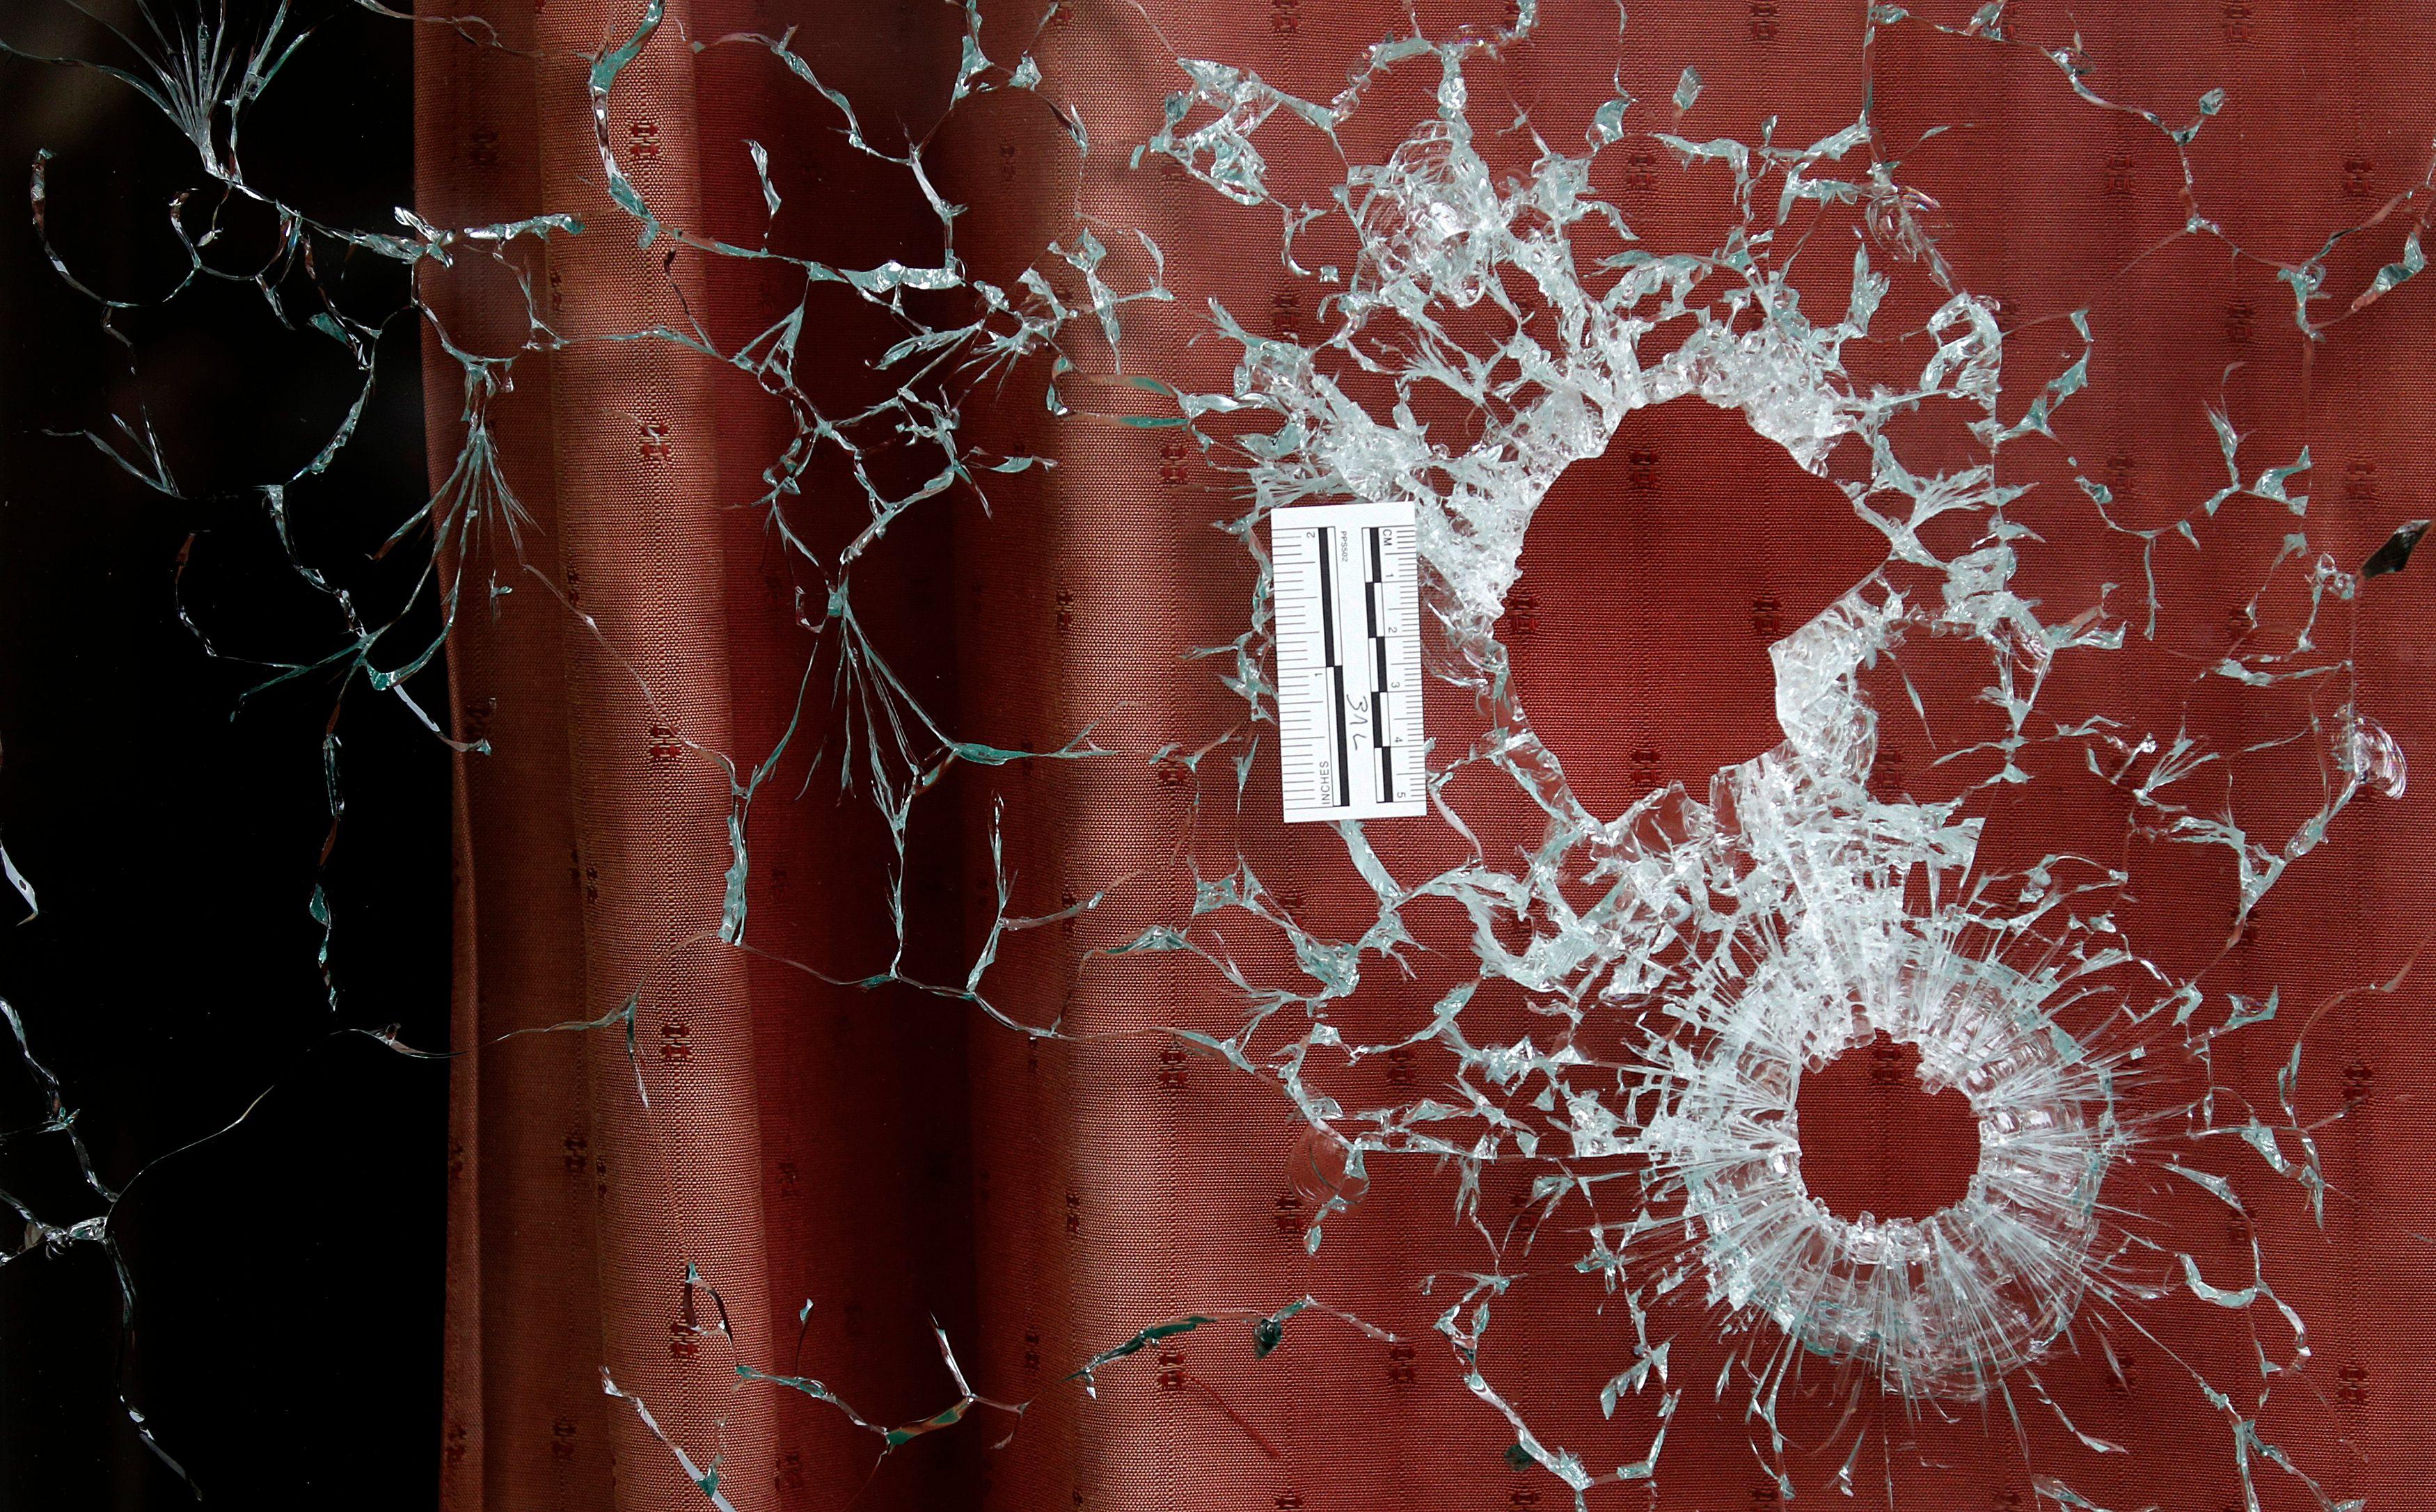 Penser le réel après les attentats : en finir avec l'idéologie relativiste postmoderne